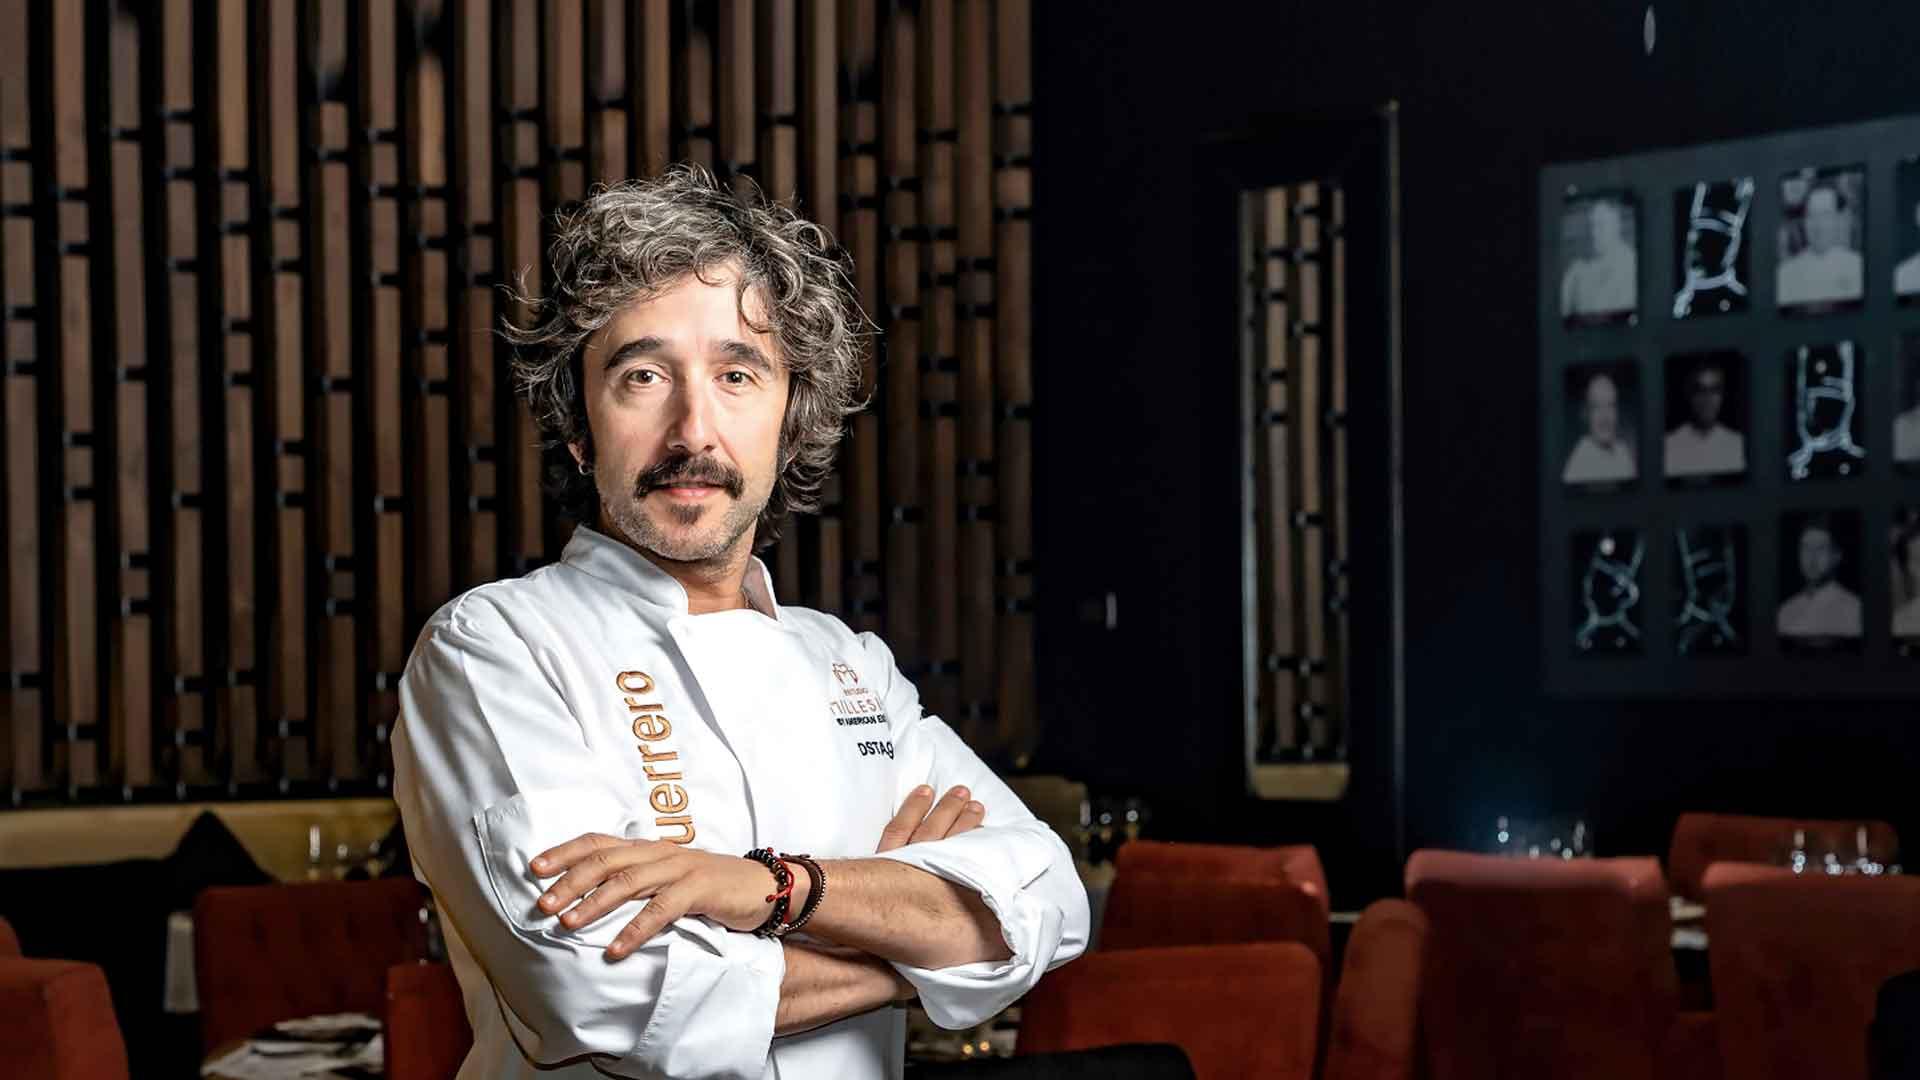 Chef Diego Guerrero, cocina creativa de estrellas Michelin